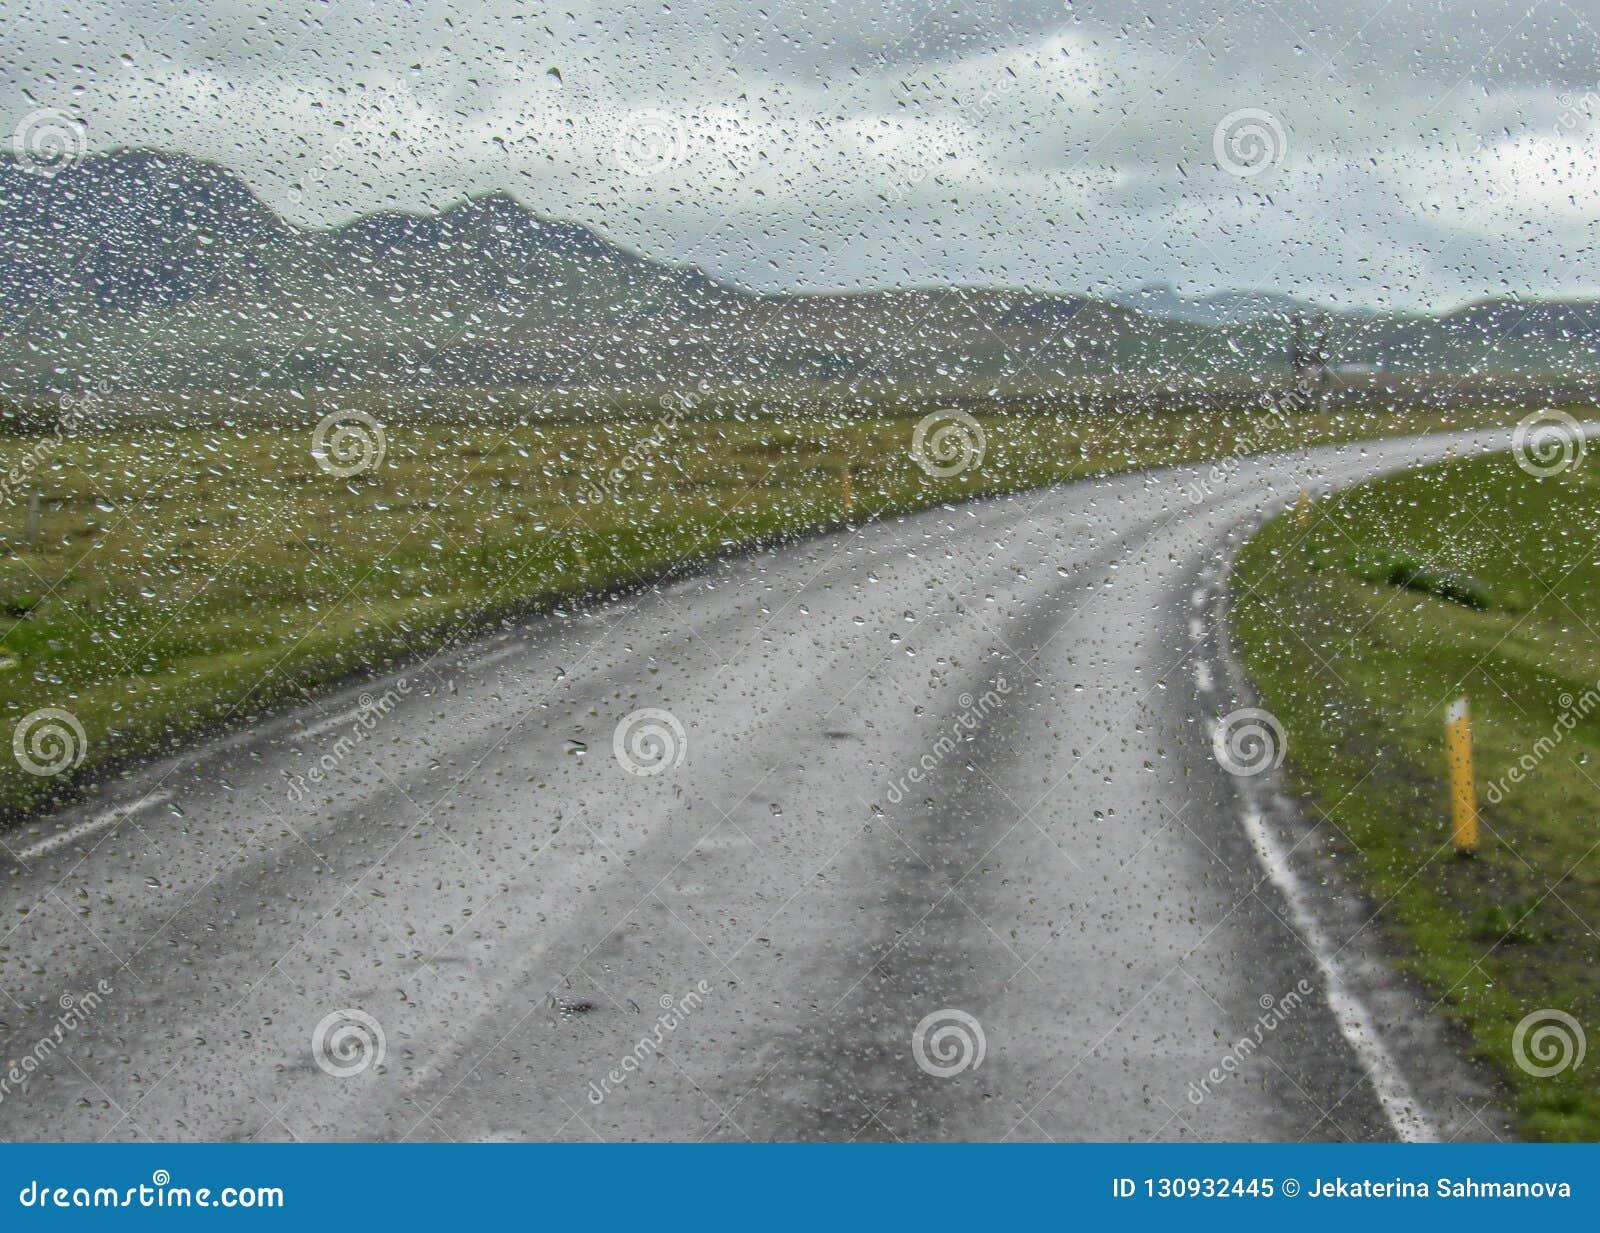 Vatten tappar på bilfönster efter regnet med den ensamma vägen mellan berg på en bakgrund, södra Island, Europa